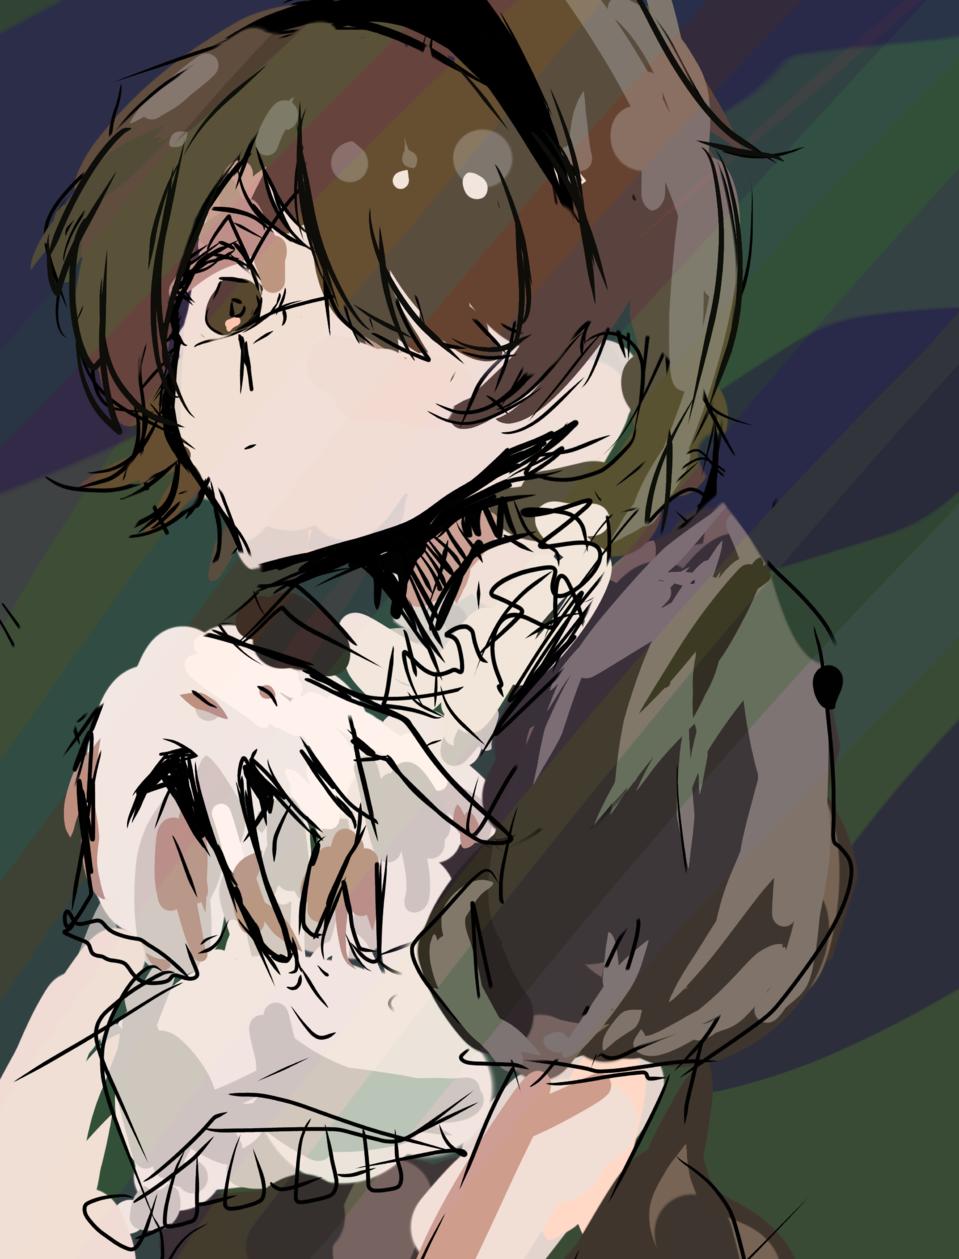 レイヤー三個の落描き Illust of 𝕗𝕦𝕪𝕠𝕦🌸 maid メイド服